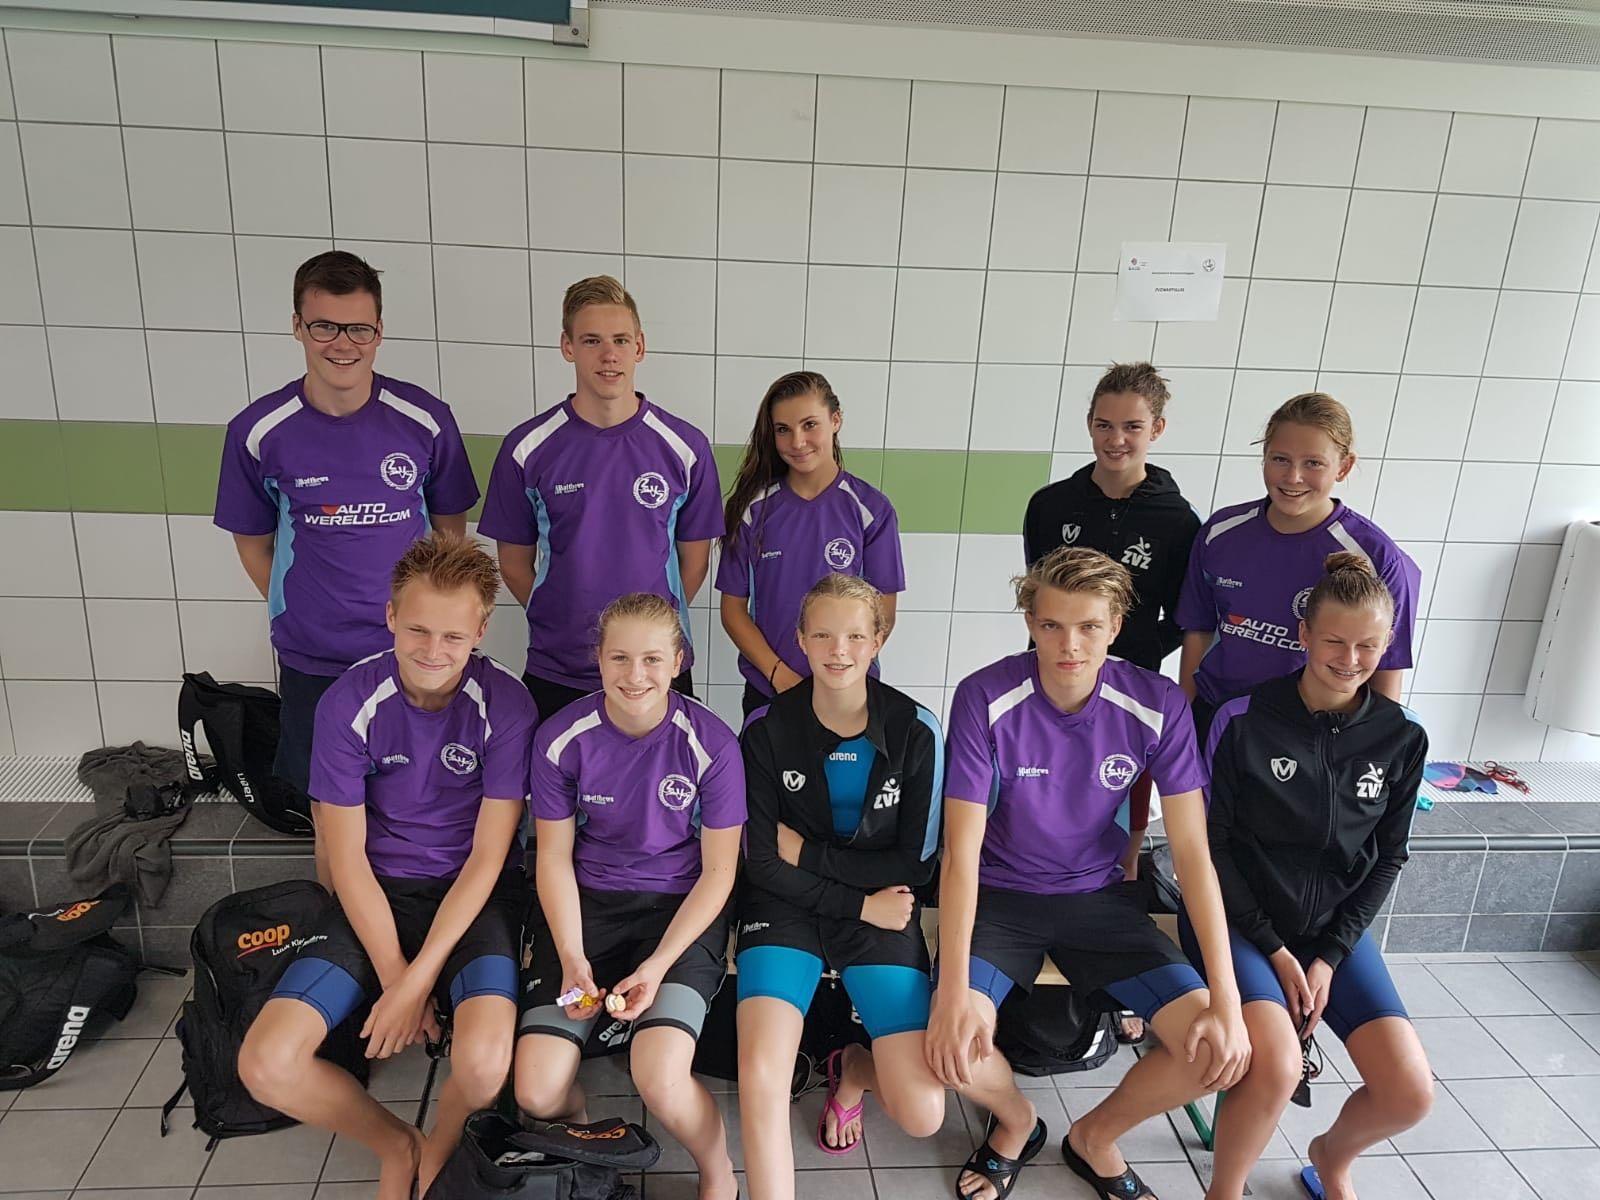 OV B-kampioenschappen Zwolle 16-17 juni 2018